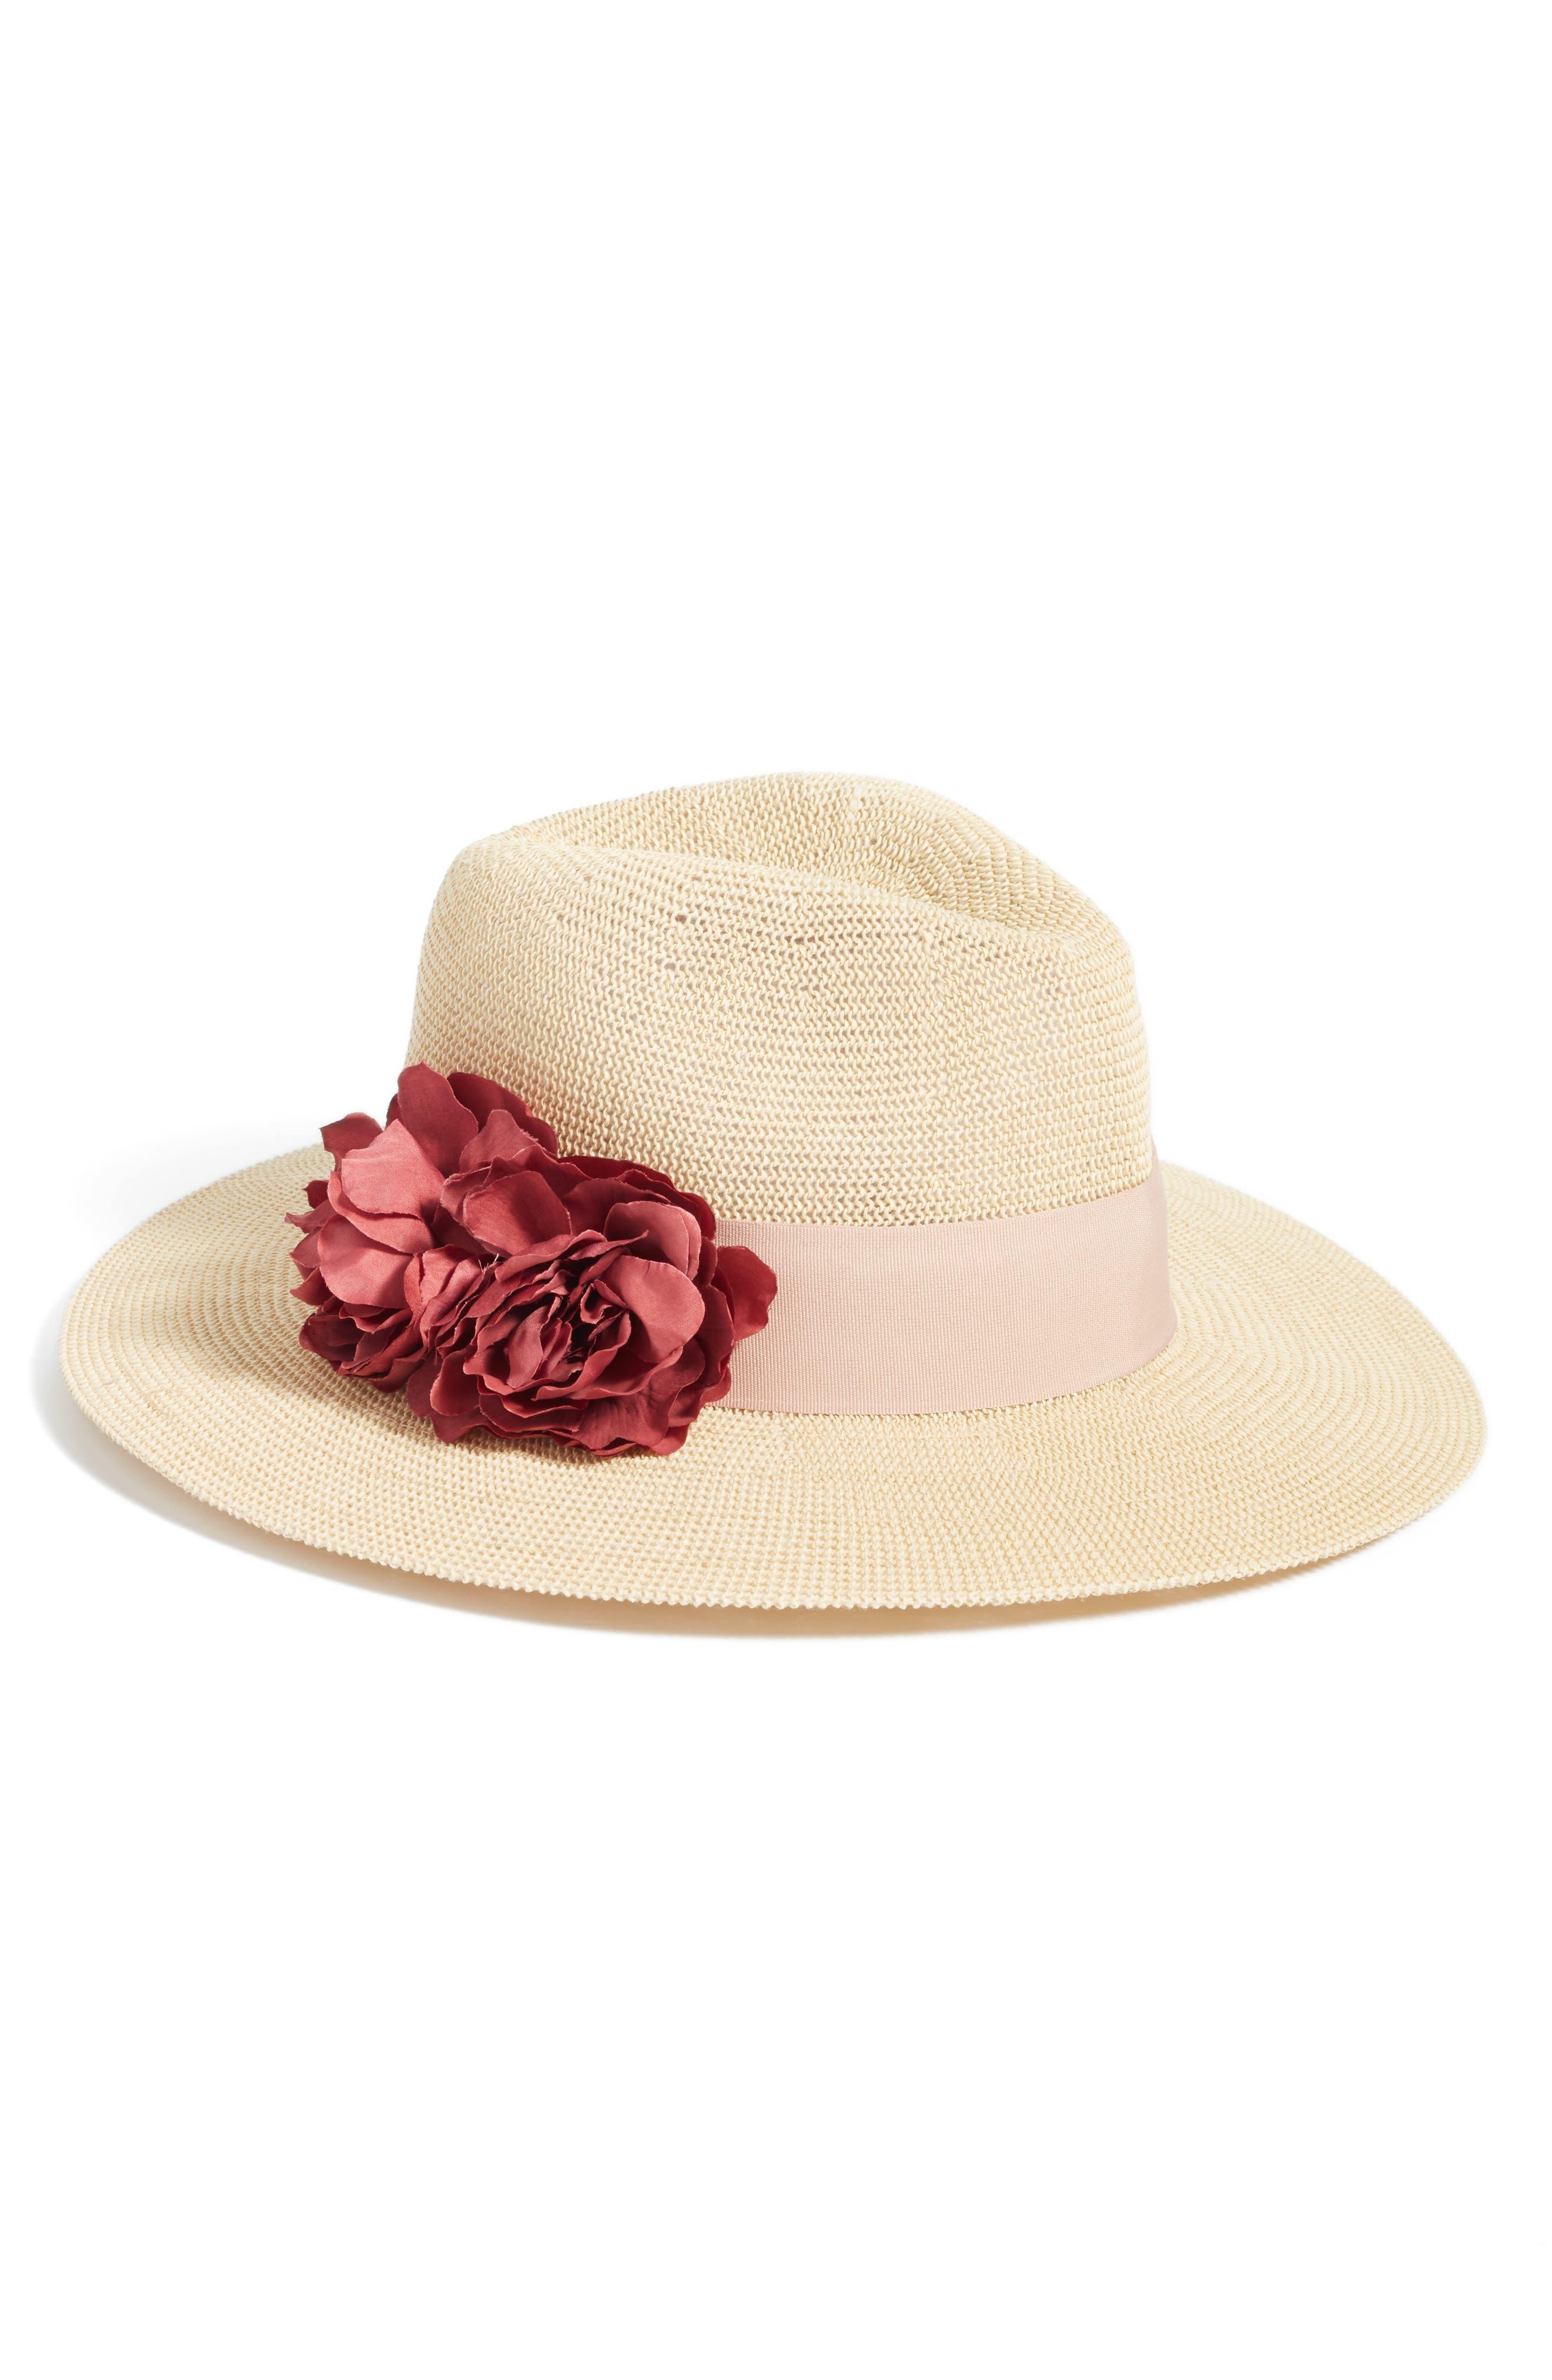 Floral Trim Straw Panama Hat,                         Main,                         color, Natural